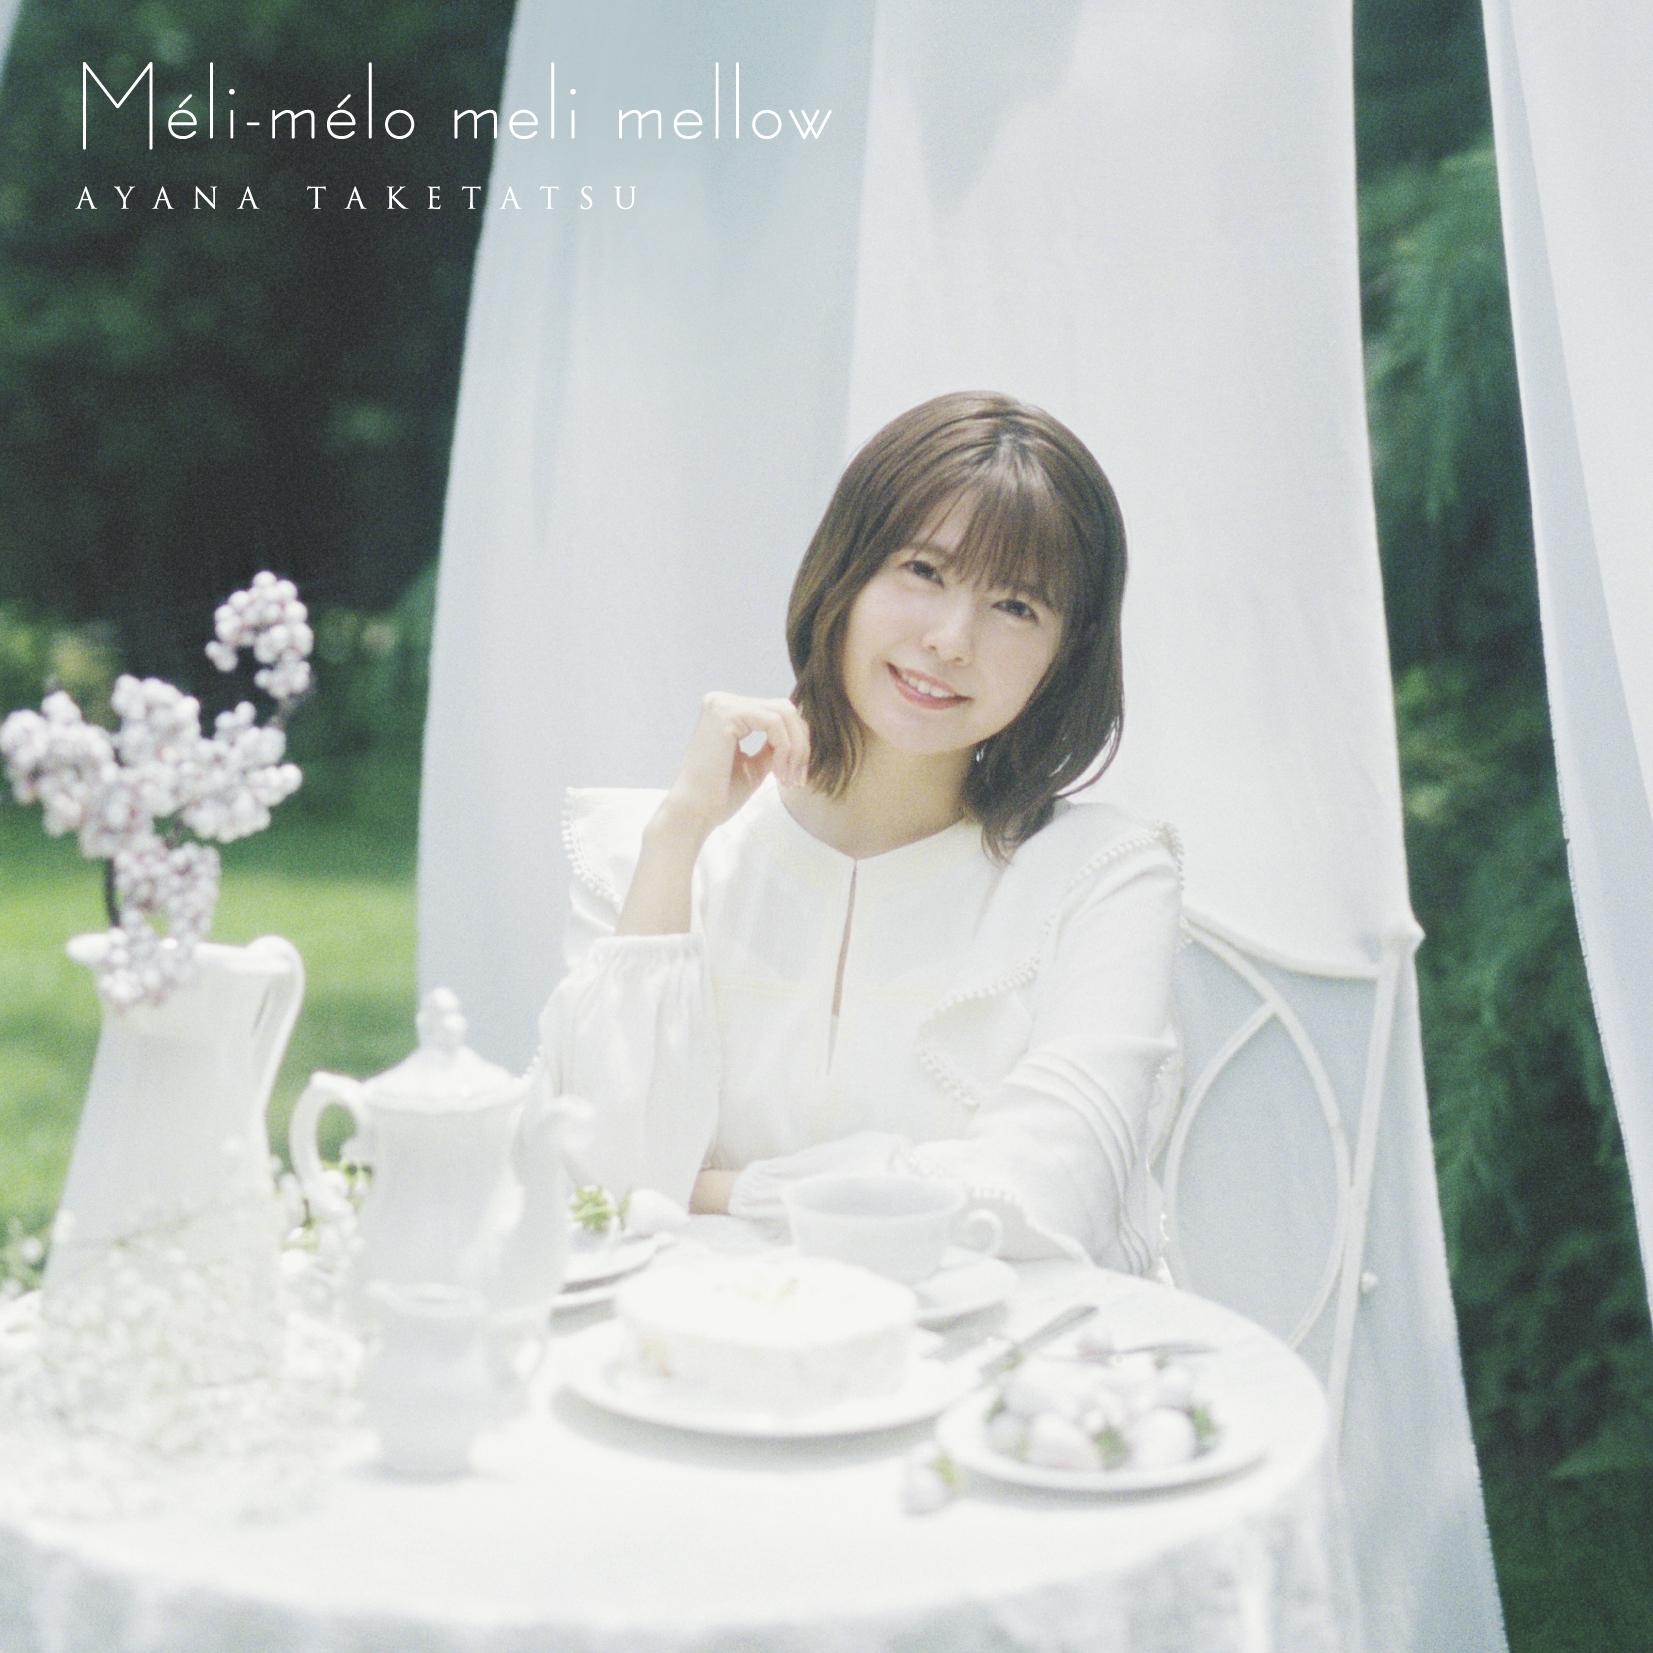 """Taketatsu Ayana Concept Album """"Méli-mélo meli mellow"""" Normal Edition(CD only) Release in Sep 15th 2021 No.1"""